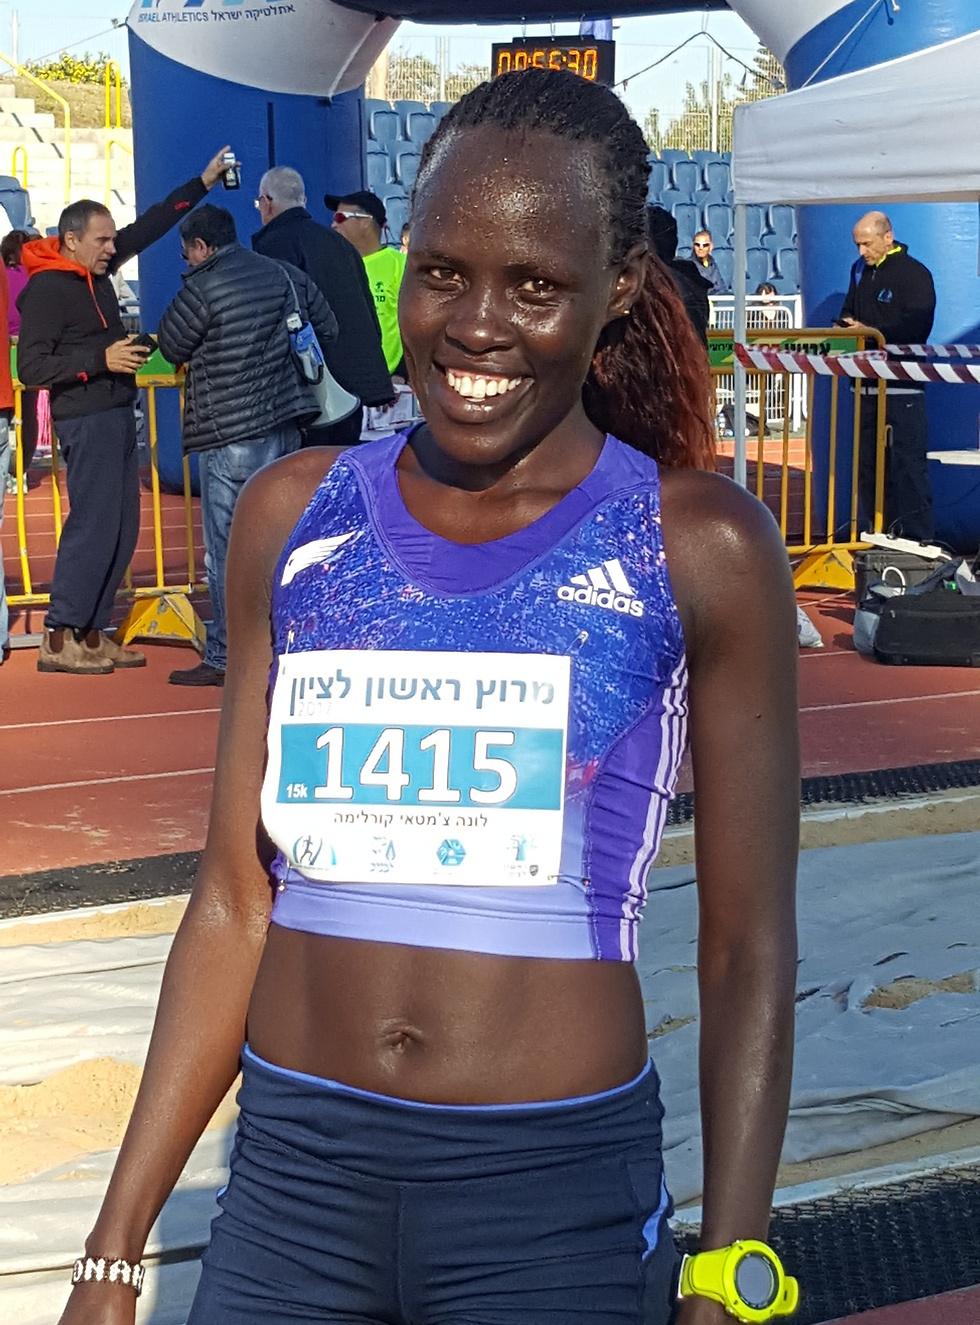 לונה צ'מטאי, שיא מרשים (צילום באדיבות איגוד האתלטיקה)